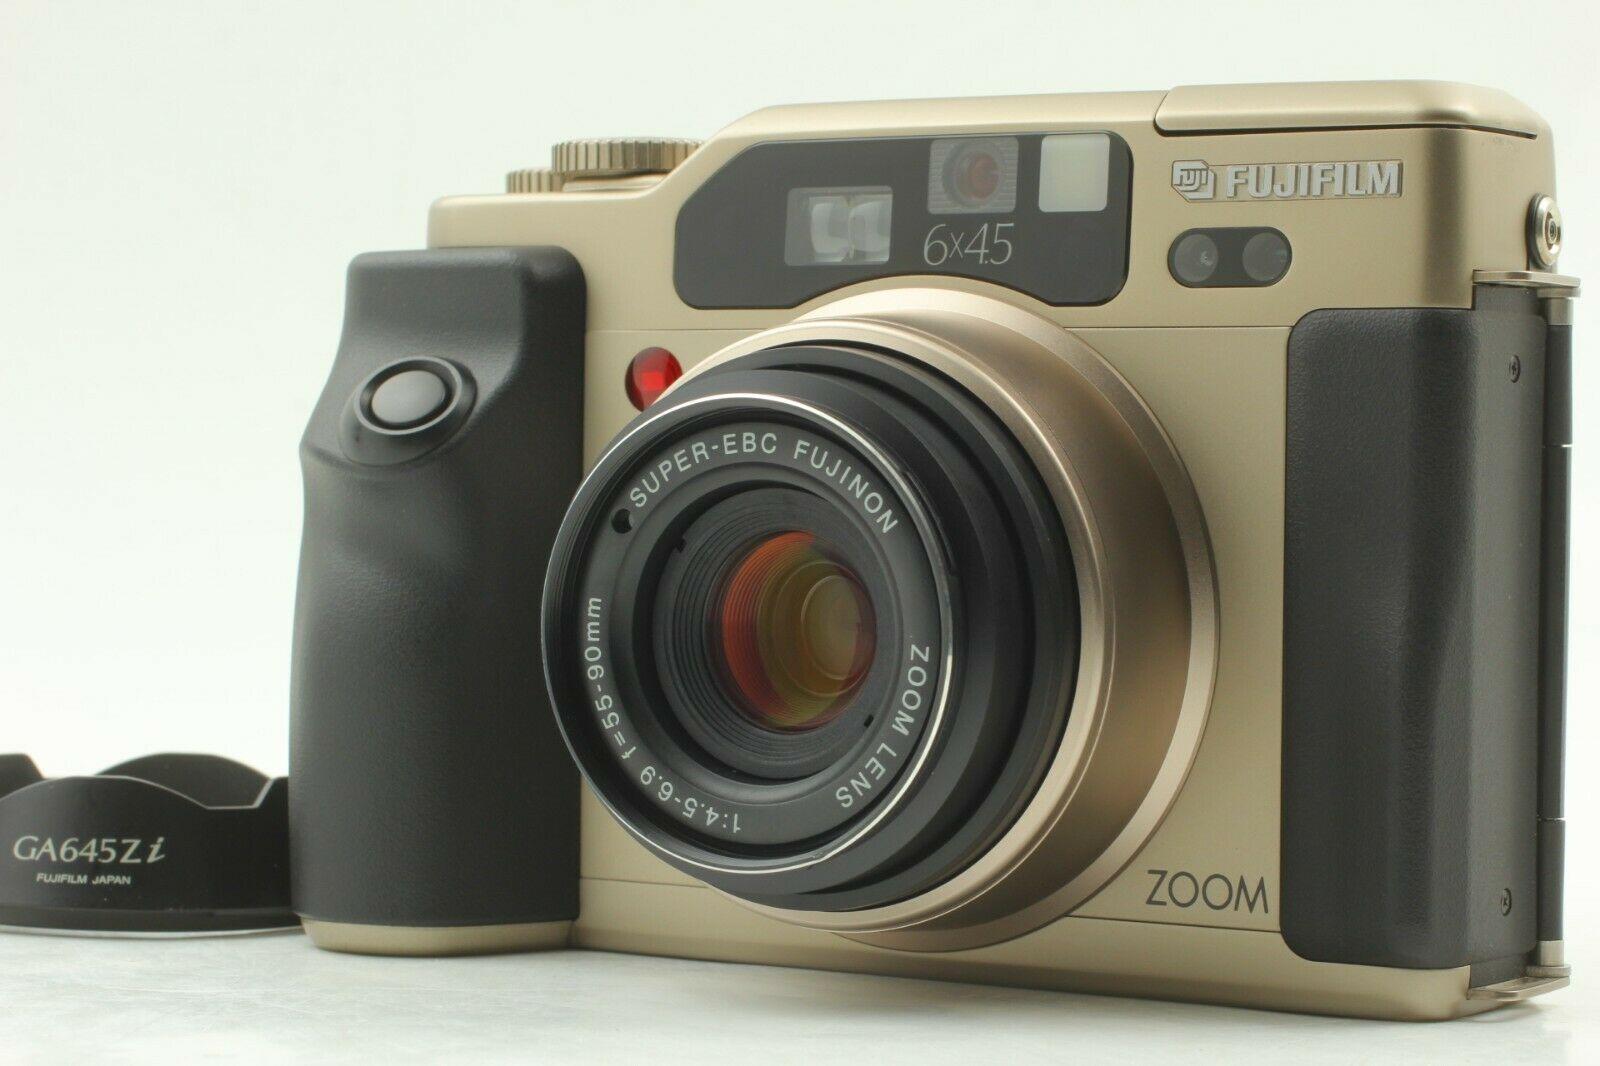 FUJI Fujifilm GA645 Zi Pro